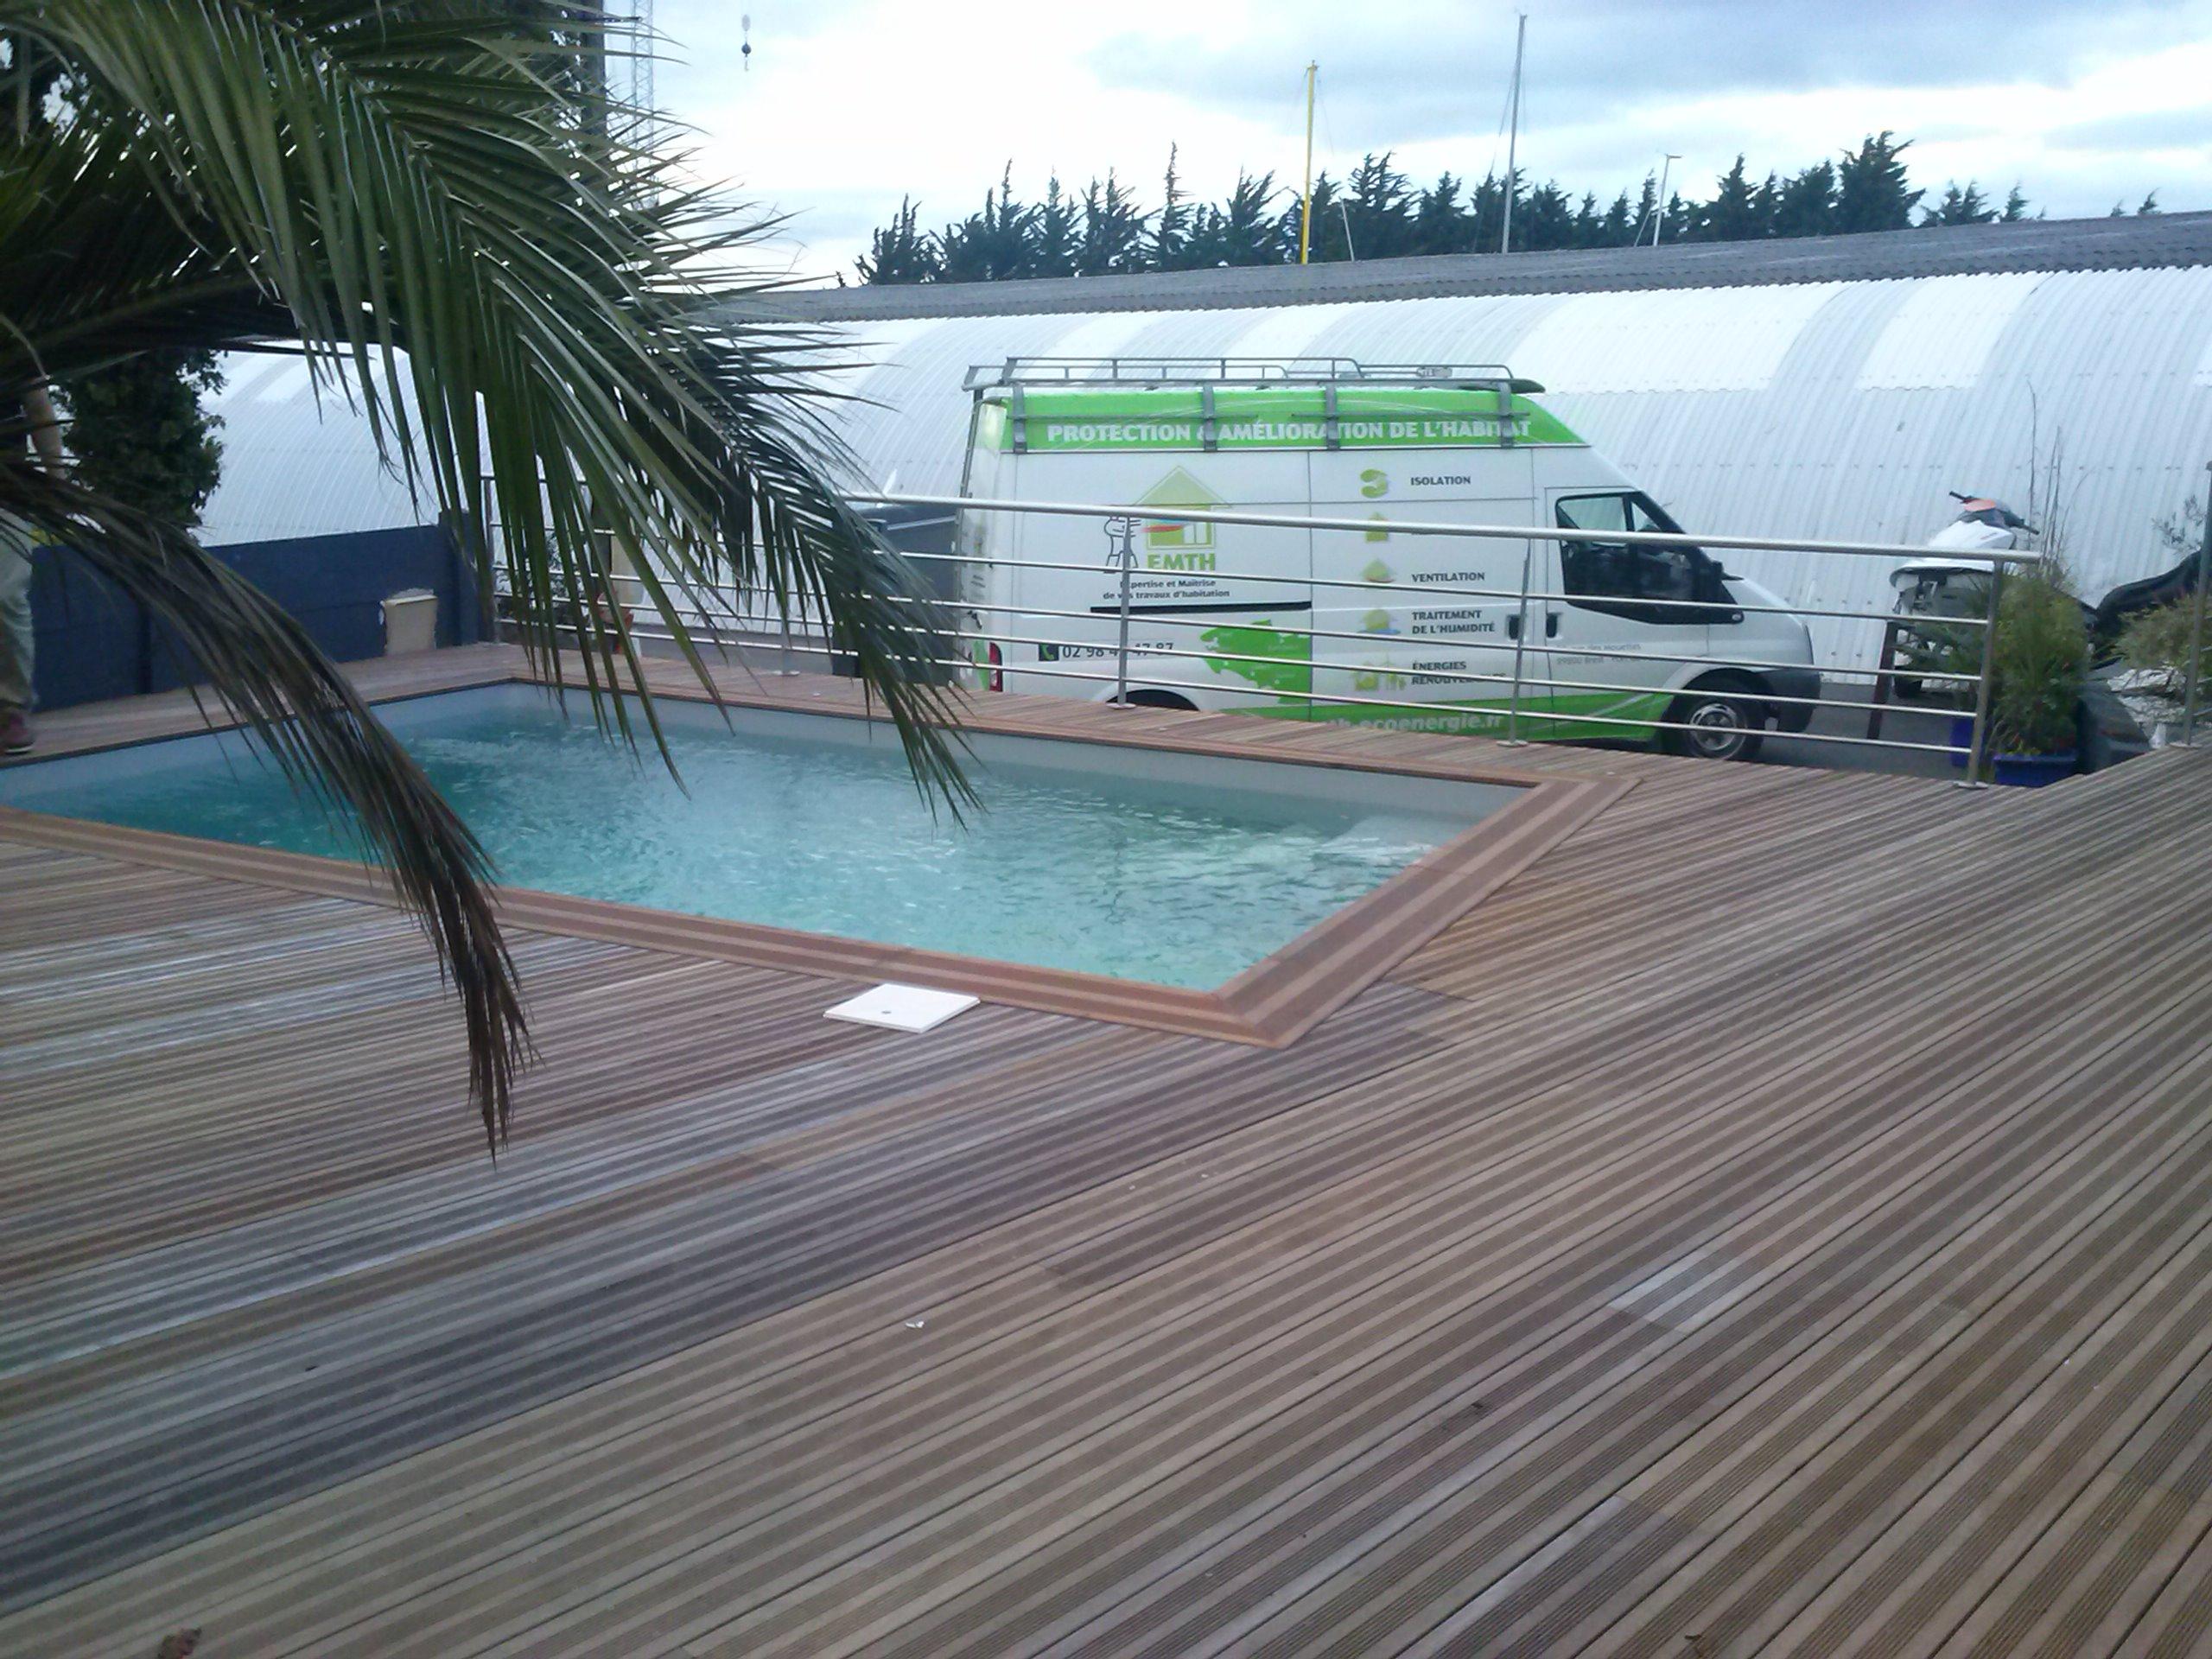 Terrasse bois ipé sur pilotis  autour d'un piscine